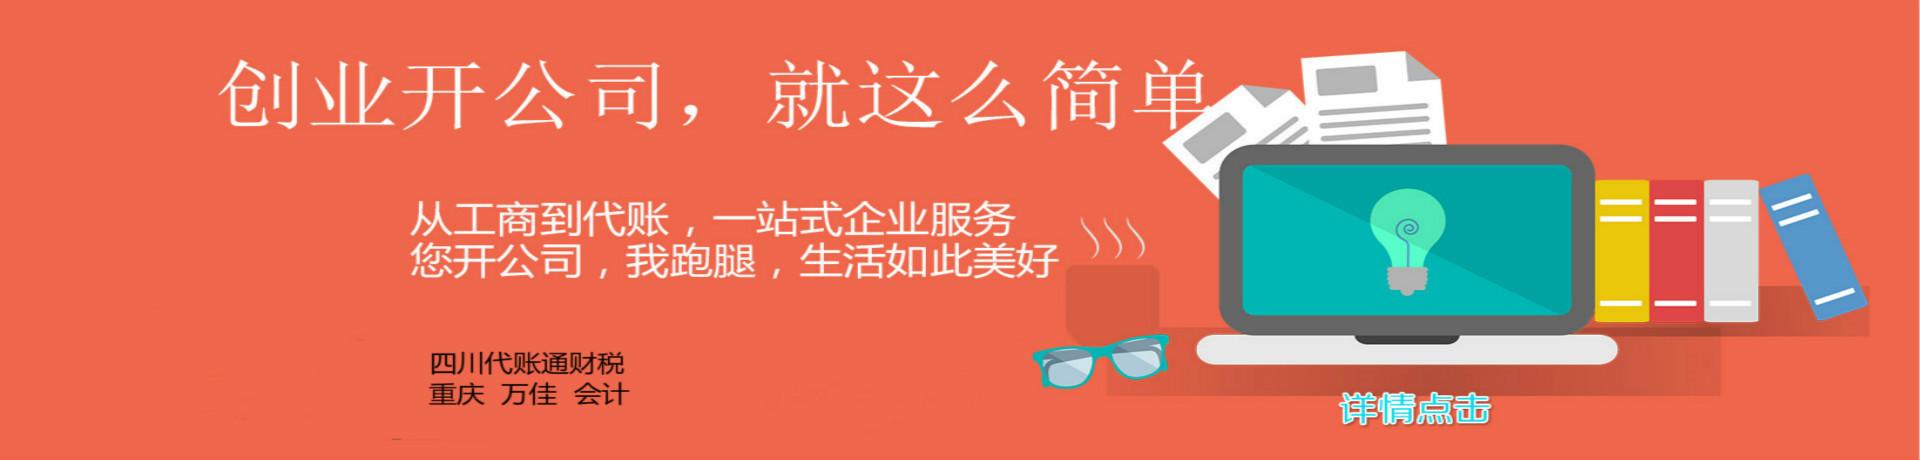 重庆九龙坡变更营业执照